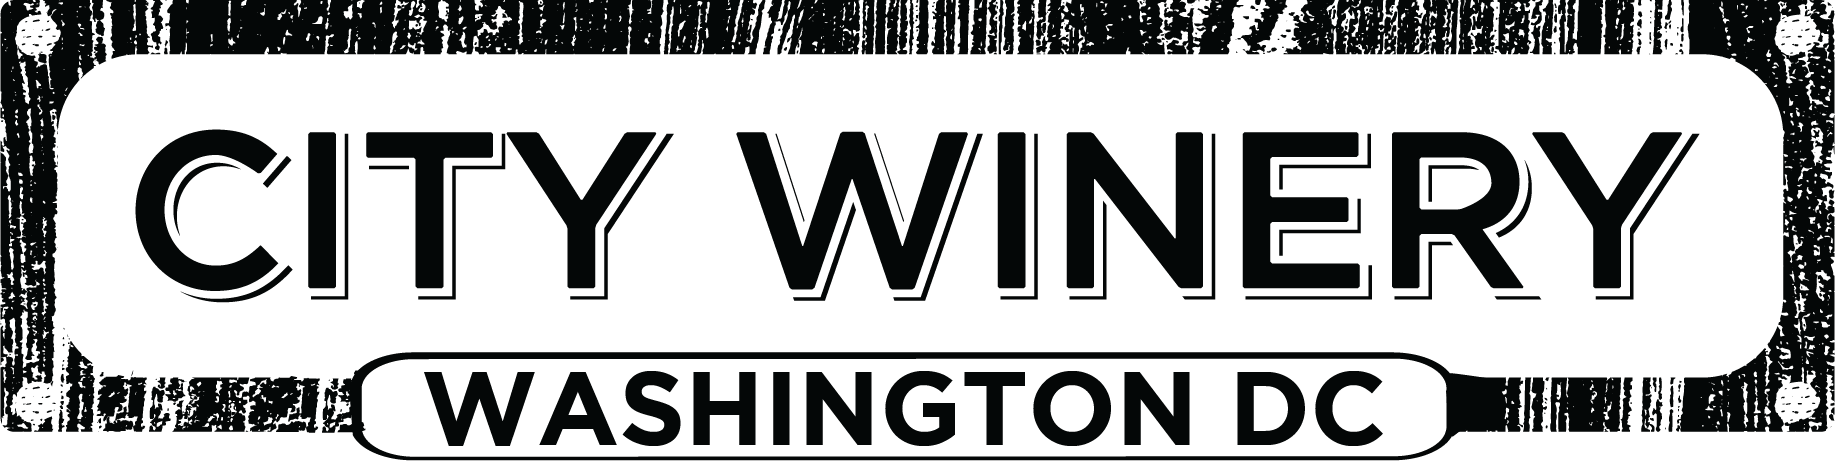 CW+DC+logos-black.png